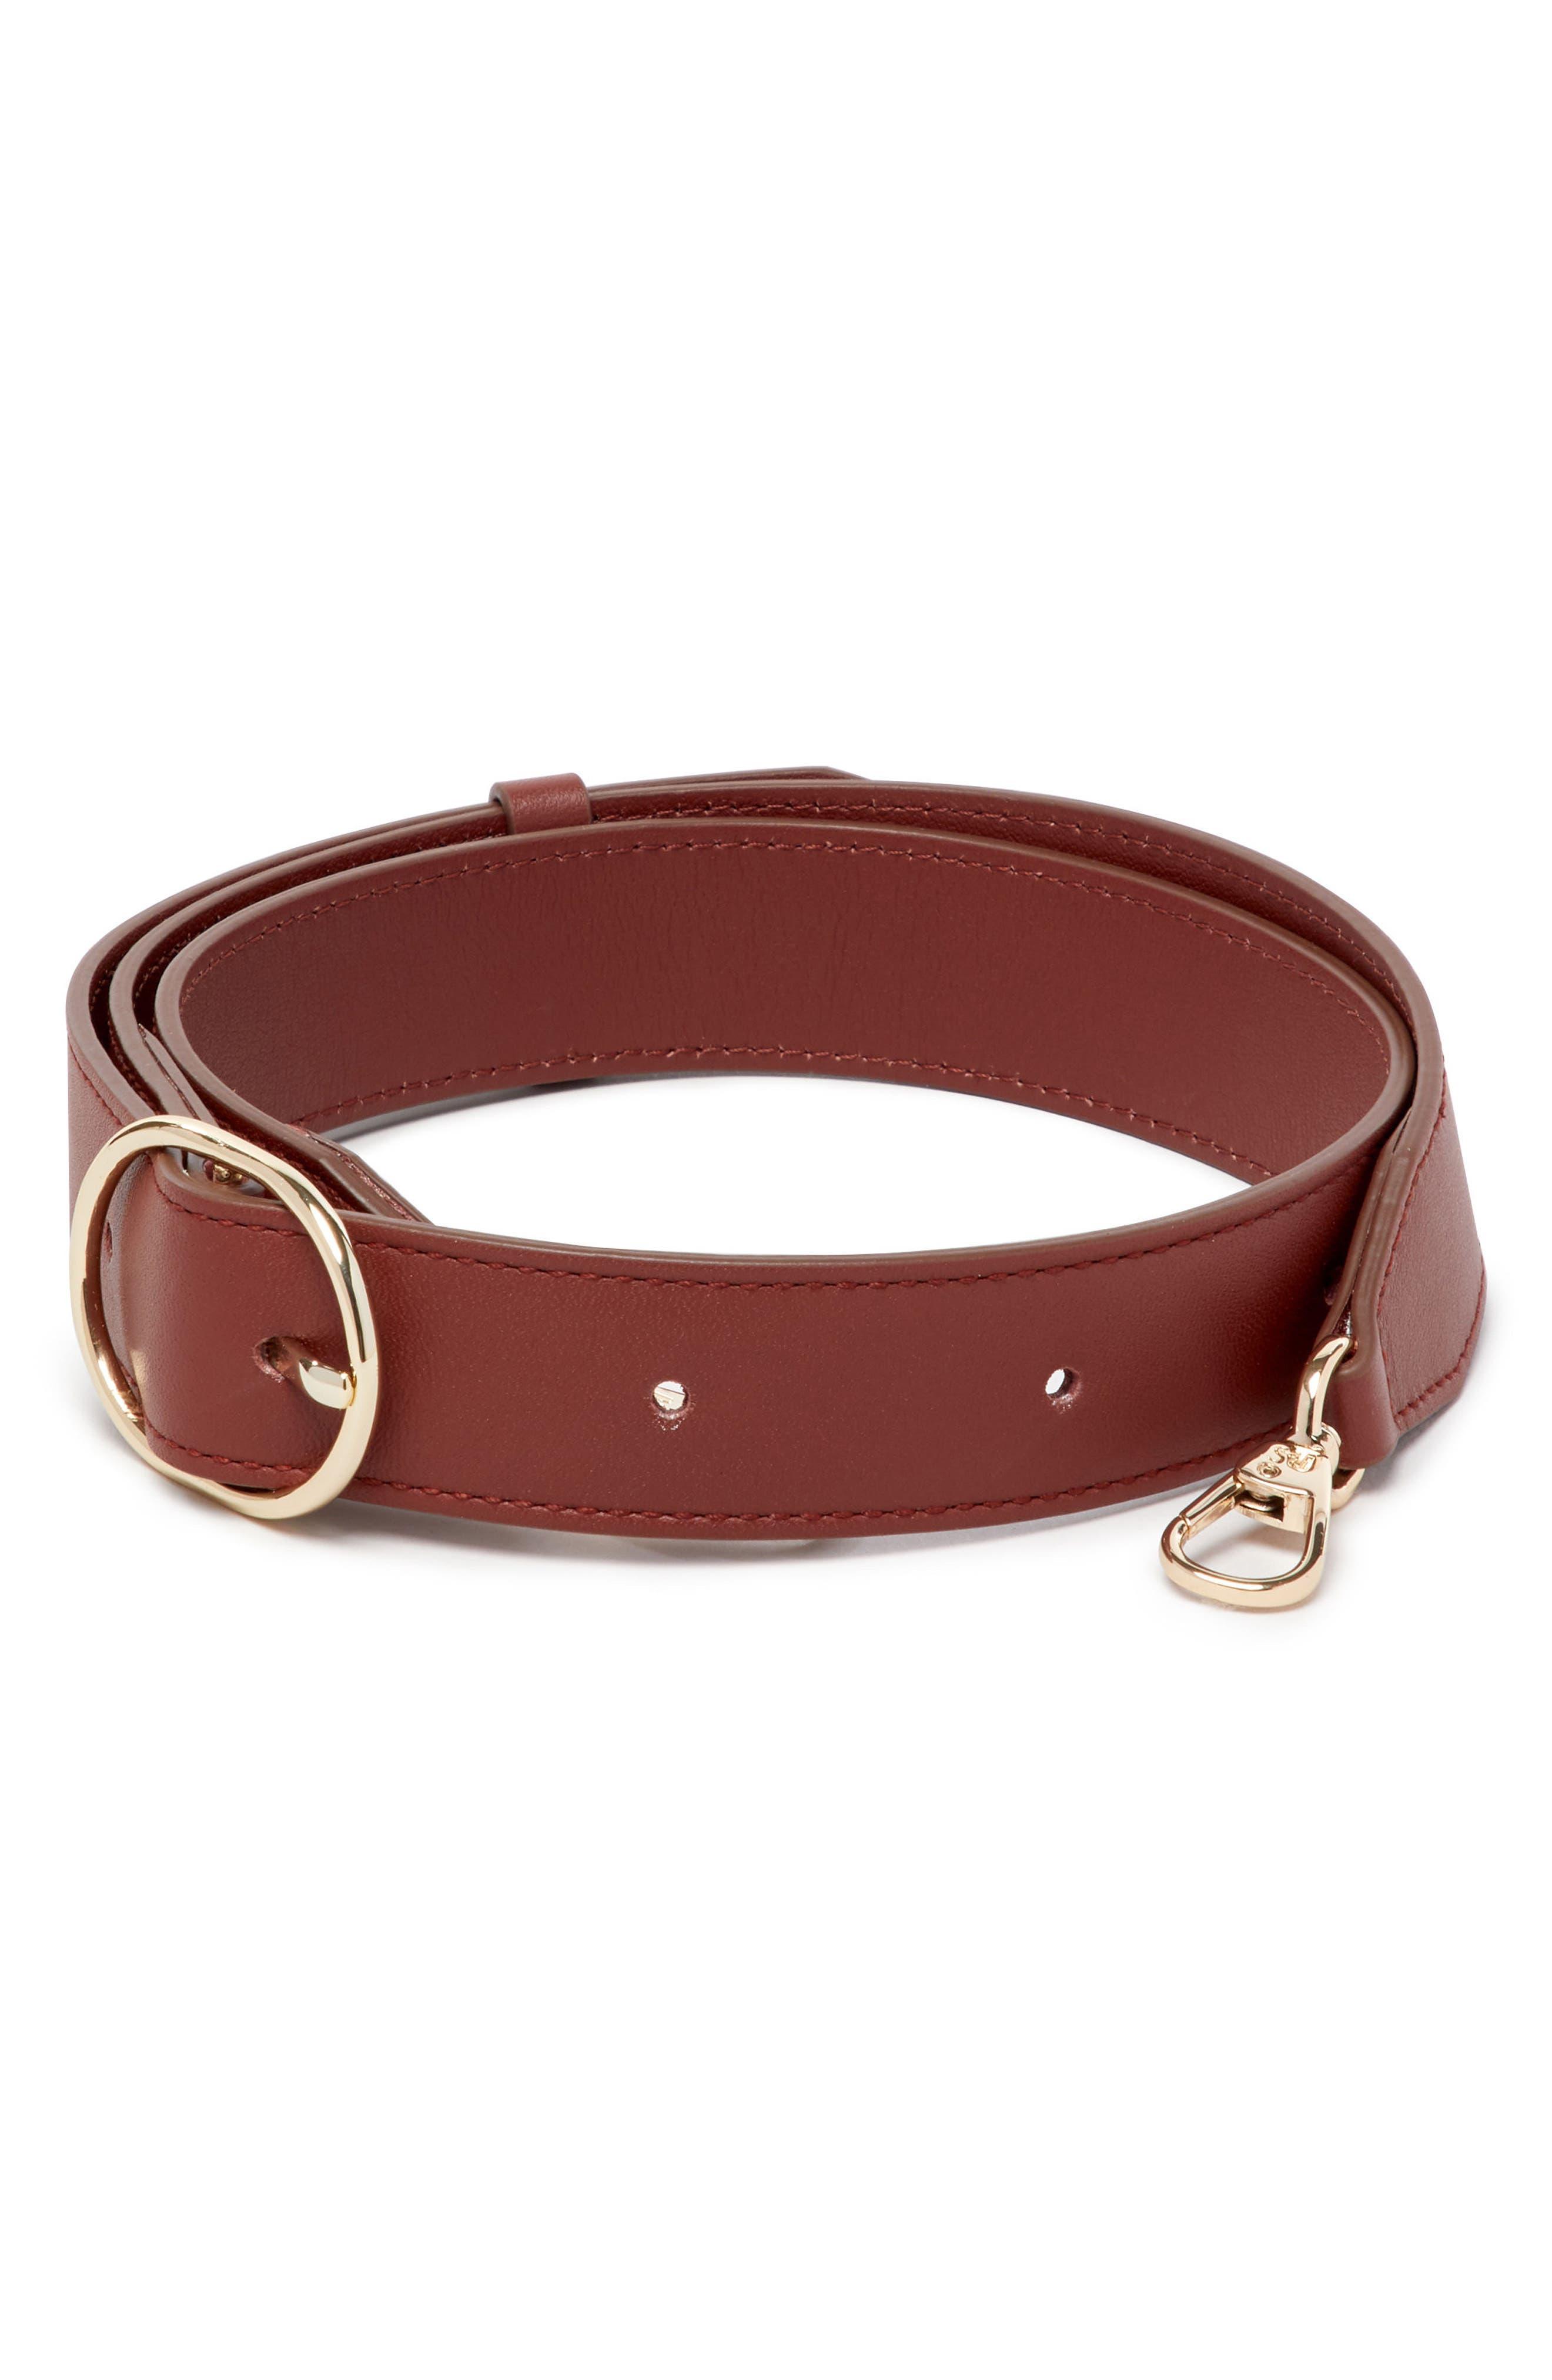 Leather Wide Fanny Strap,                         Main,                         color, Cognac